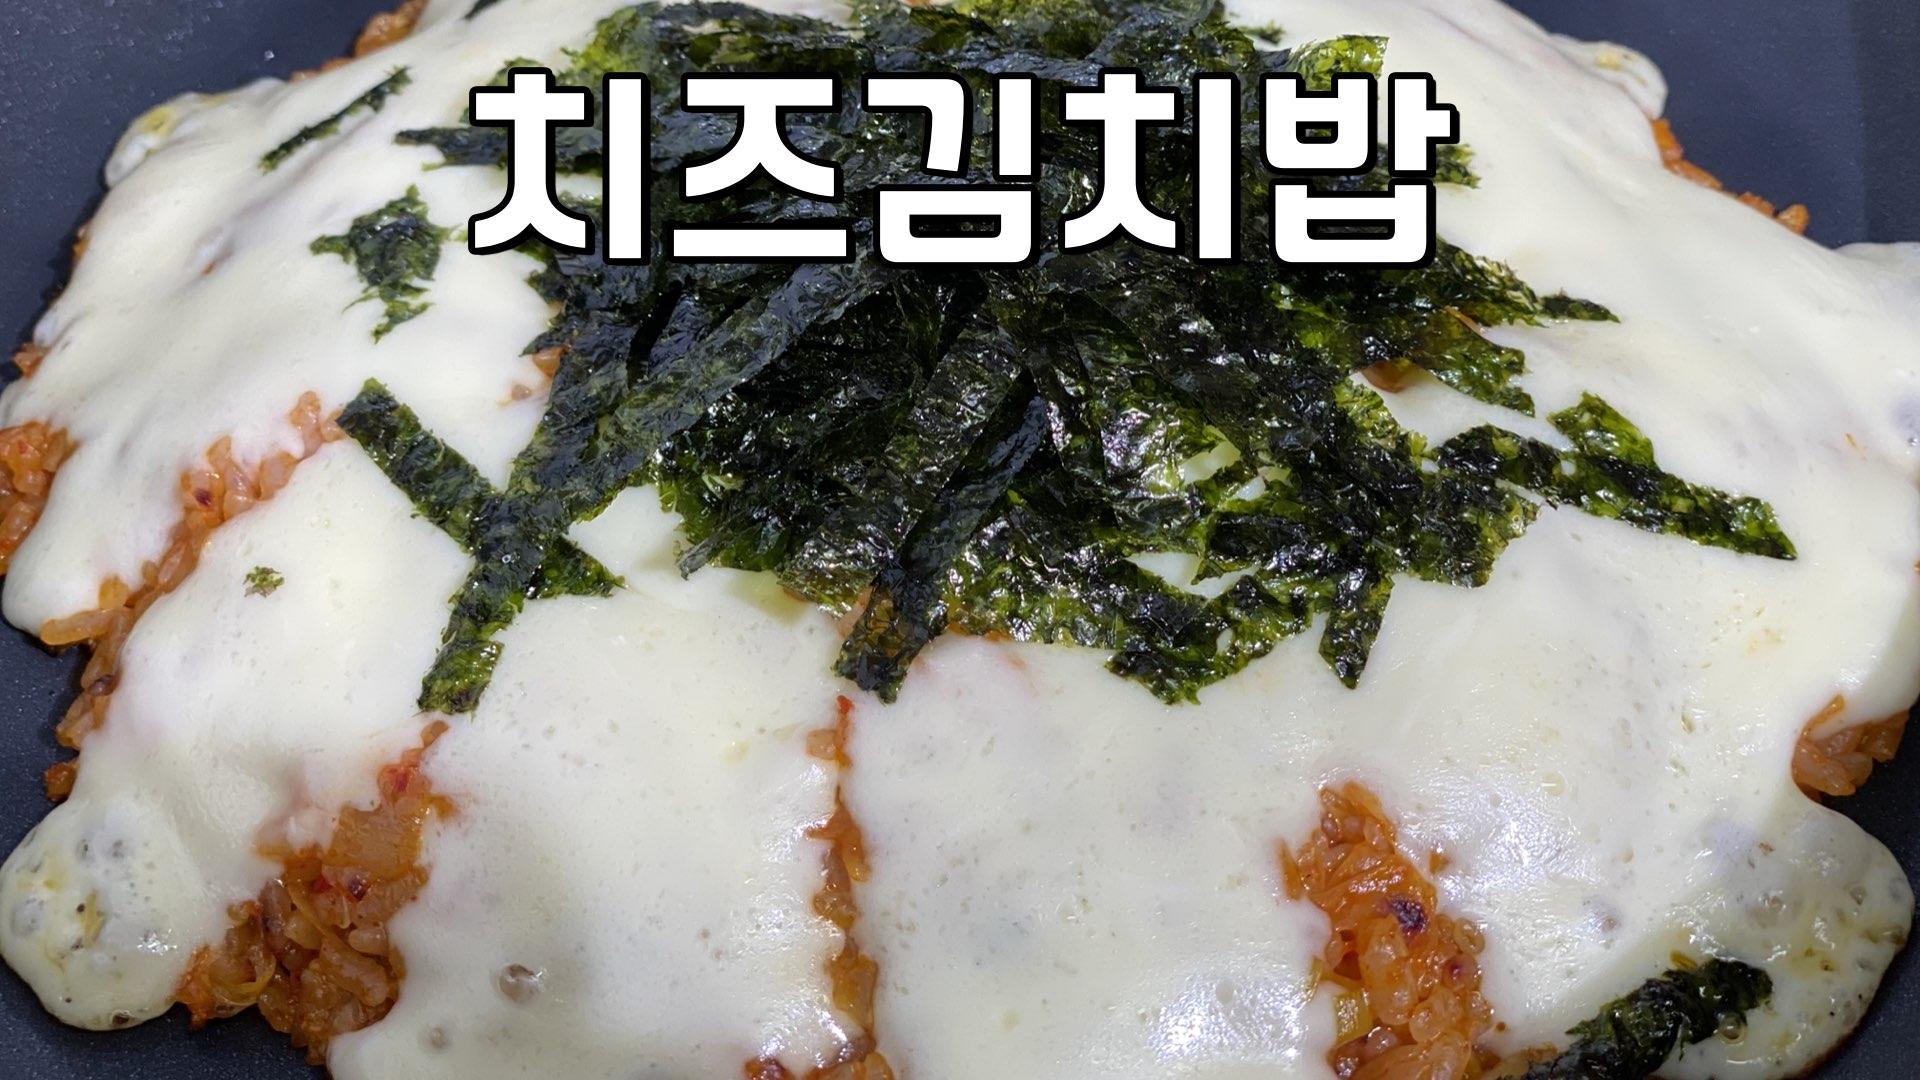 치즈 김치밥 만들기 / 강식당2 피오 김치밥 / 강식당 김치밥 | 올리브네 간단 레시피 | 맛있는 초간단 요리